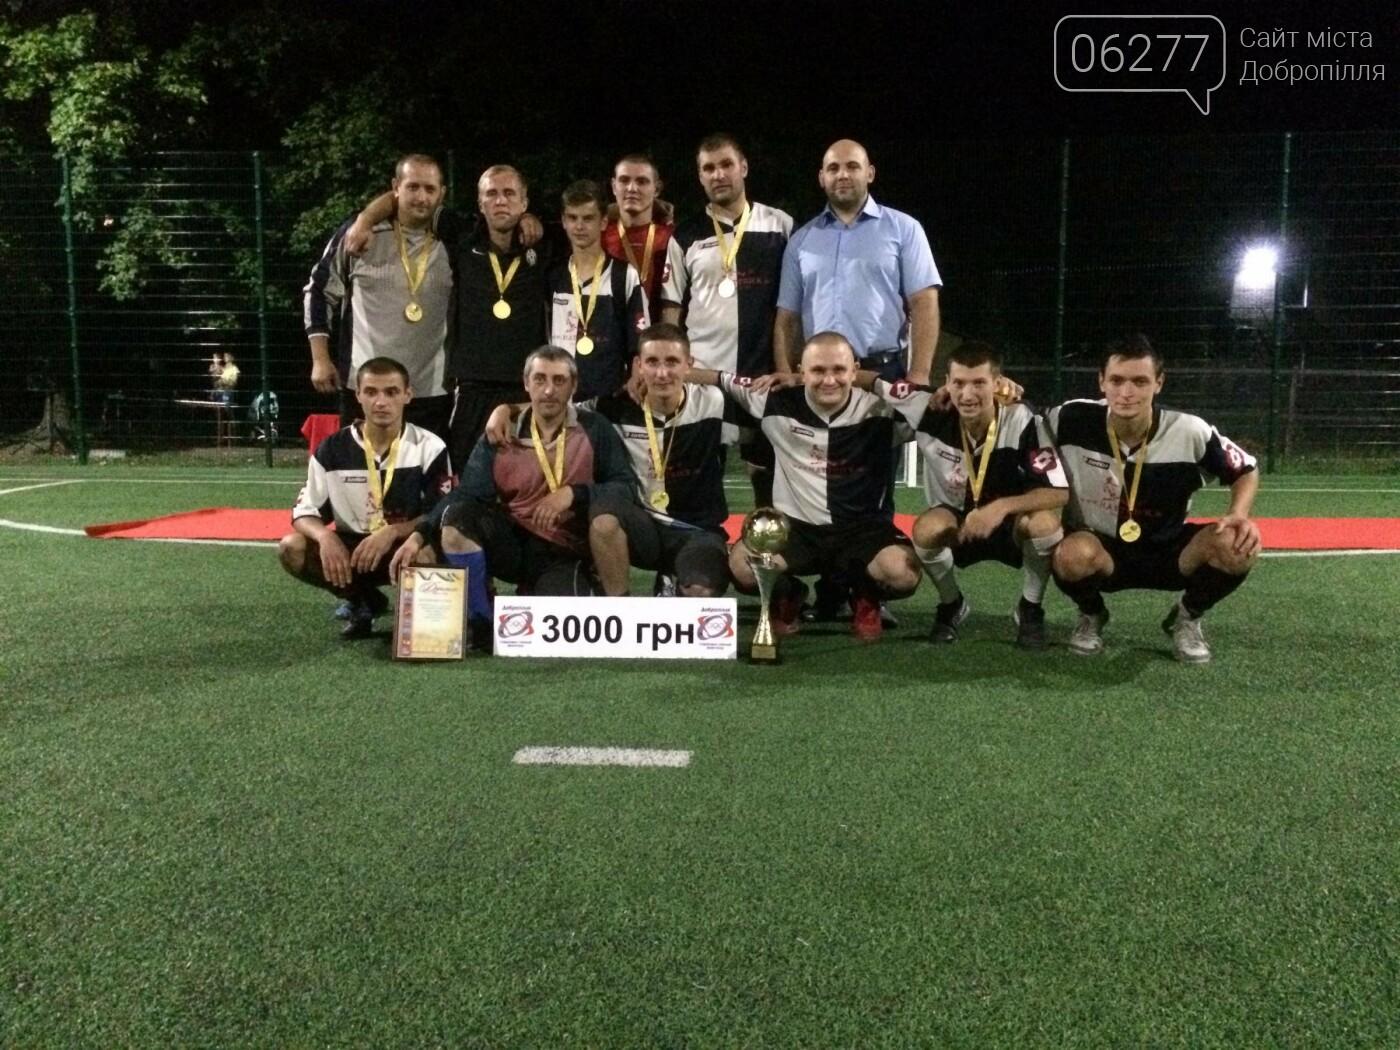 Запеклий фінал Відкритого чемпіонату Добропілля  з міні-футболу, фото-2